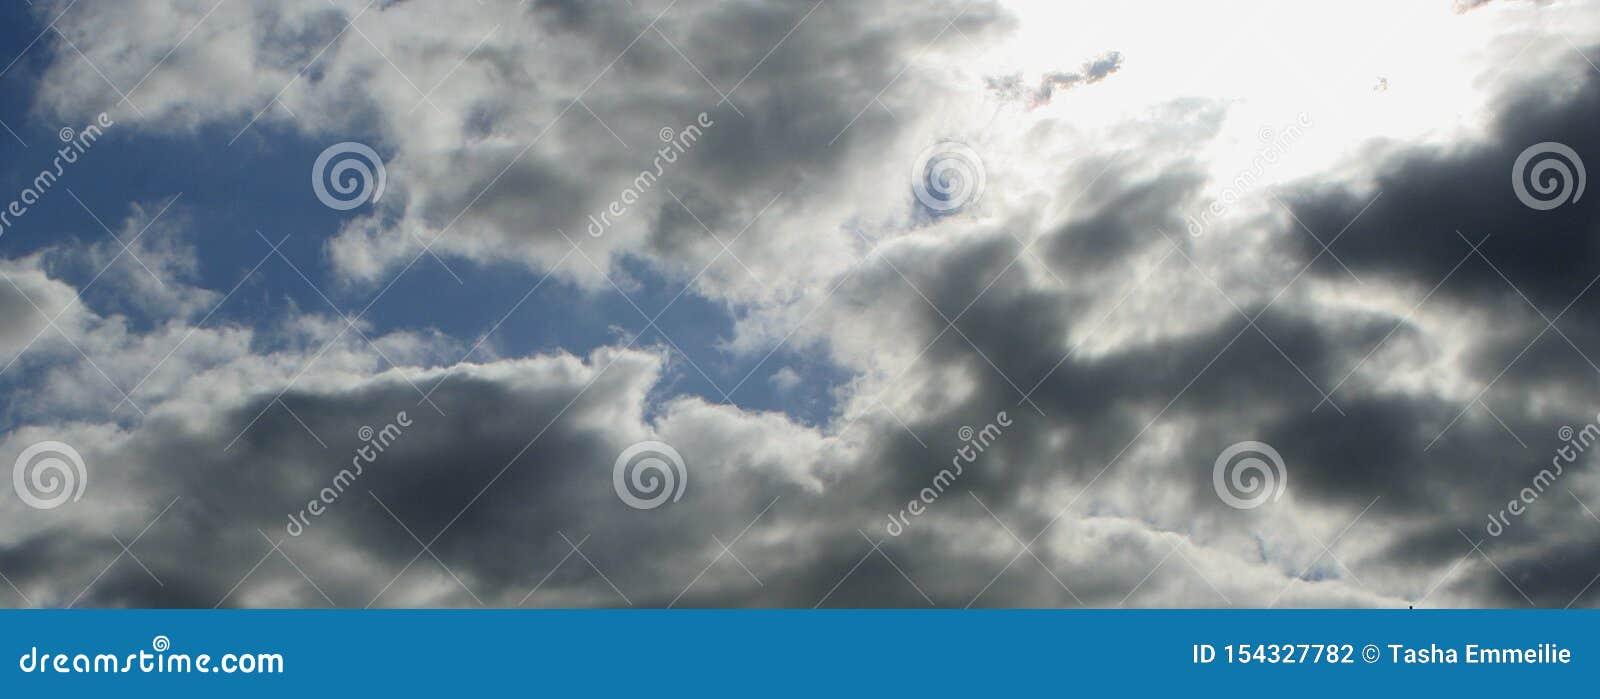 Niebieskie niebo z puszystymi białymi i popielatymi chmurami, słońca jaśnienie